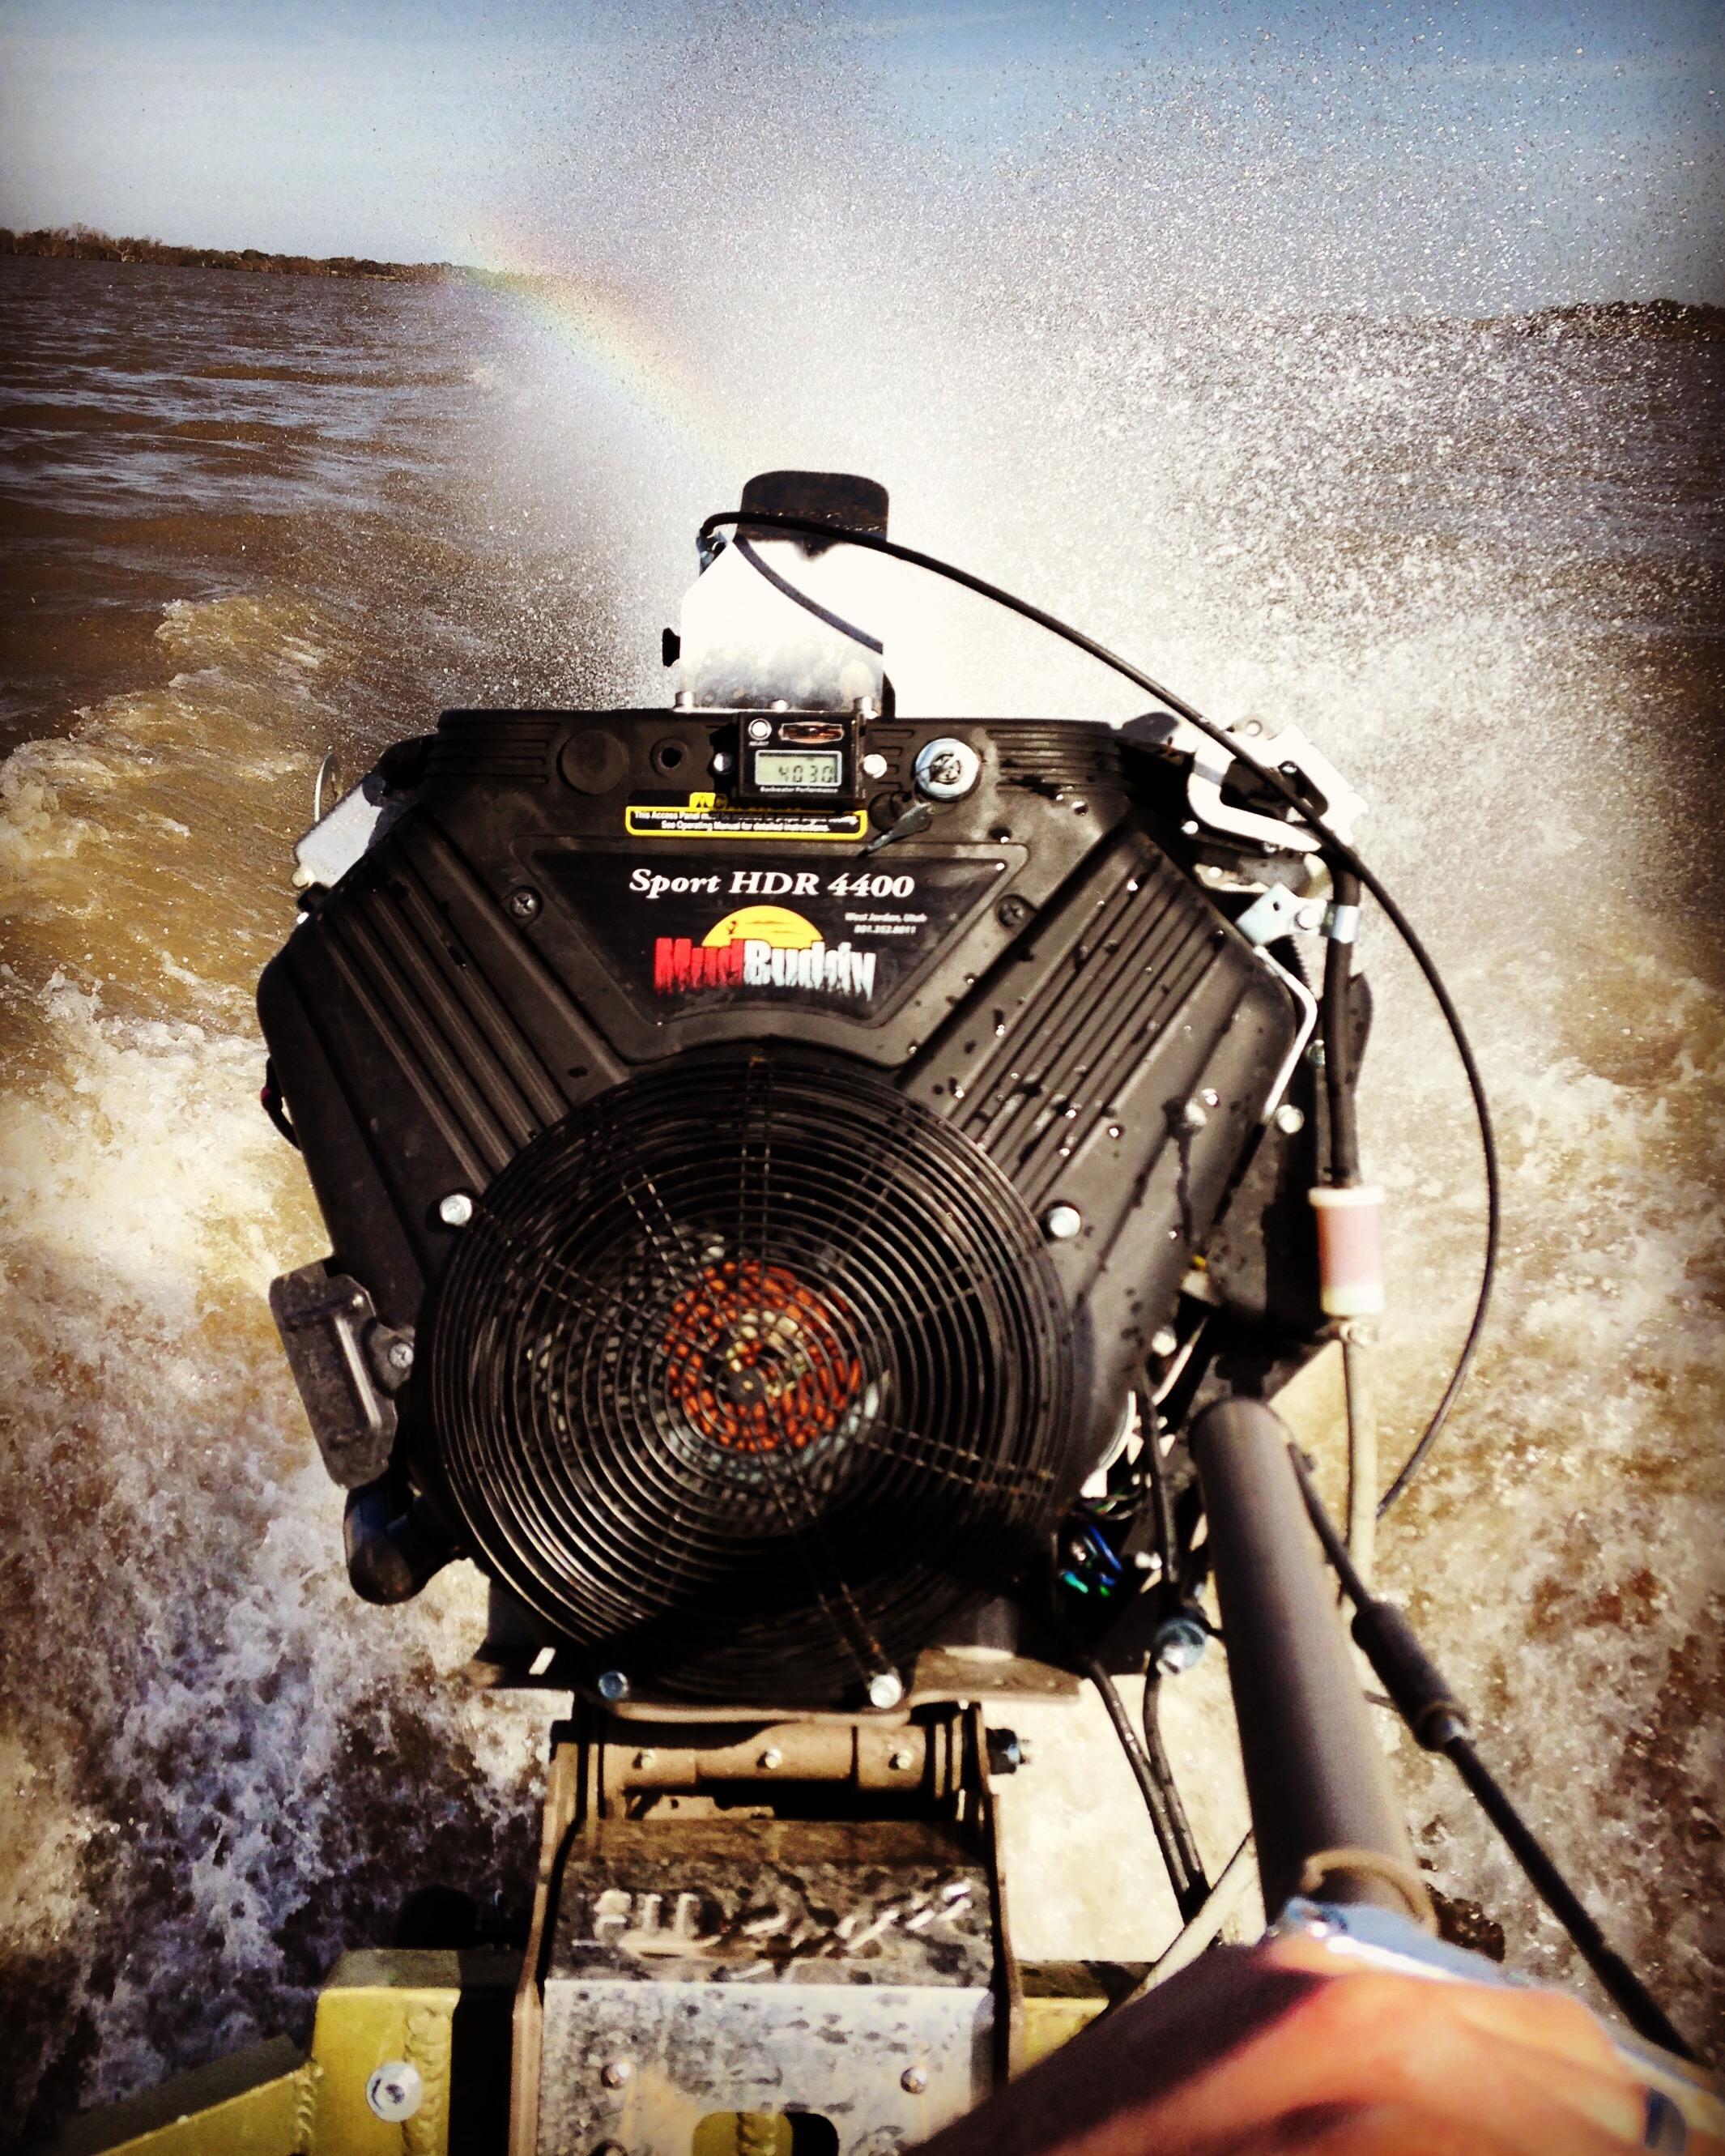 Mud Buddy 4400 mud motor